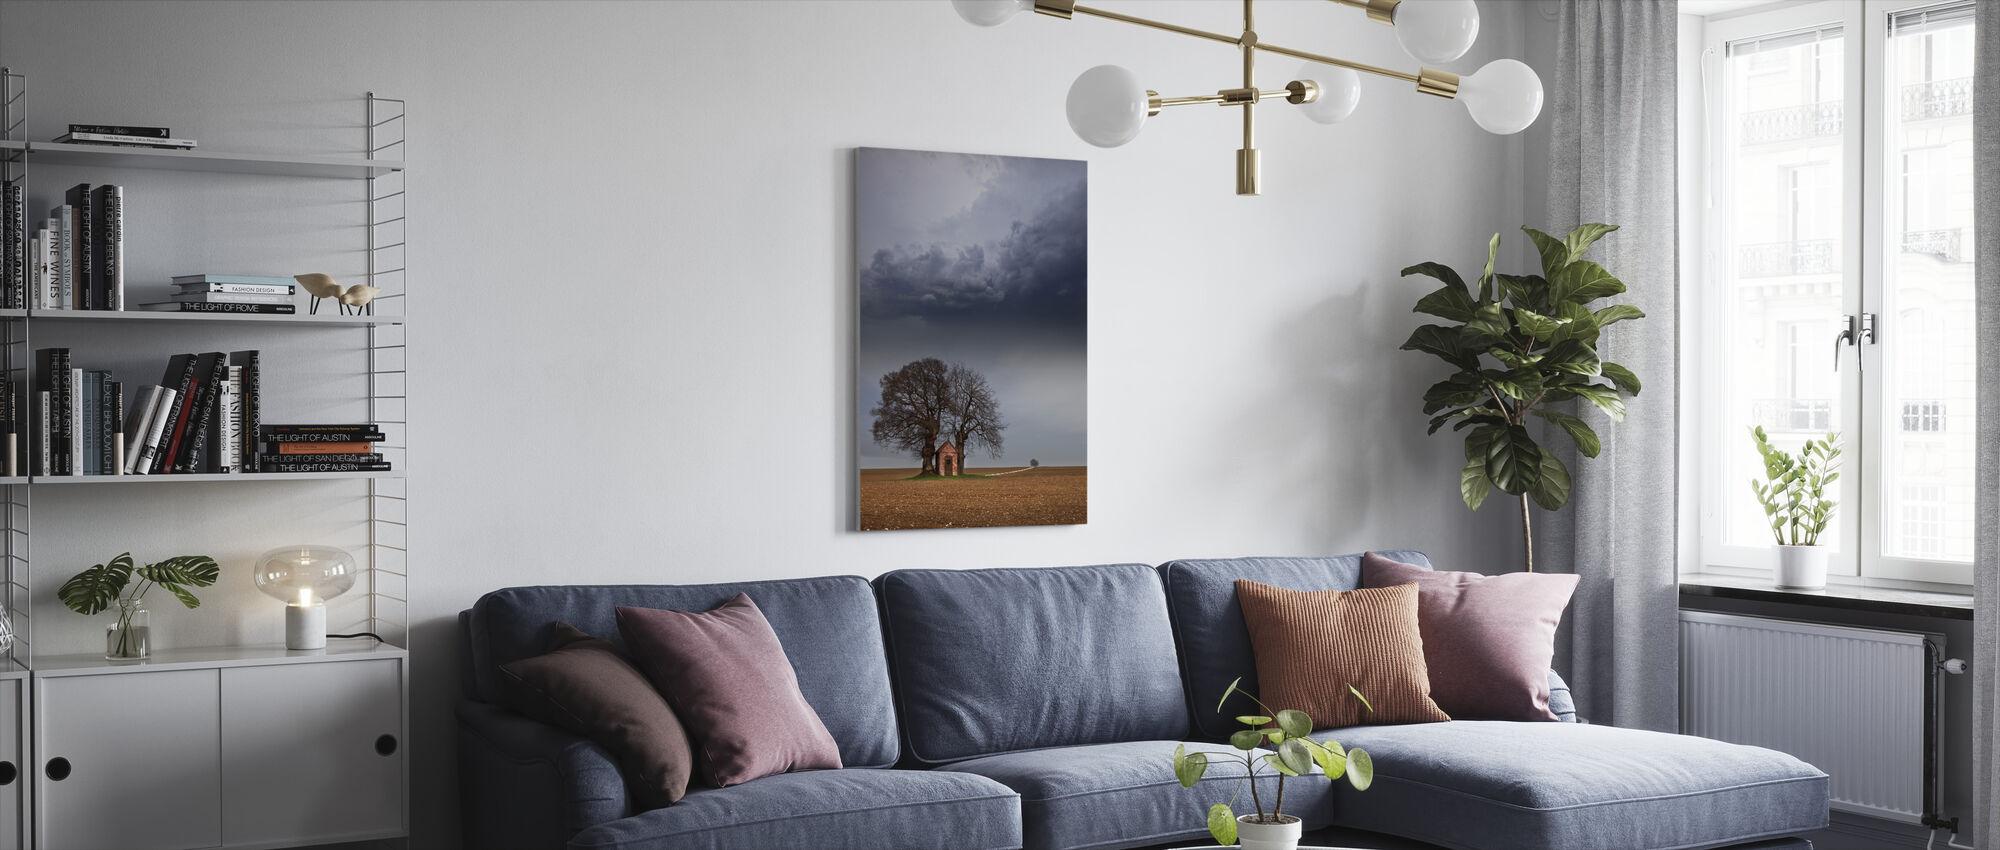 Yksinäinen House - Canvastaulu - Olohuone